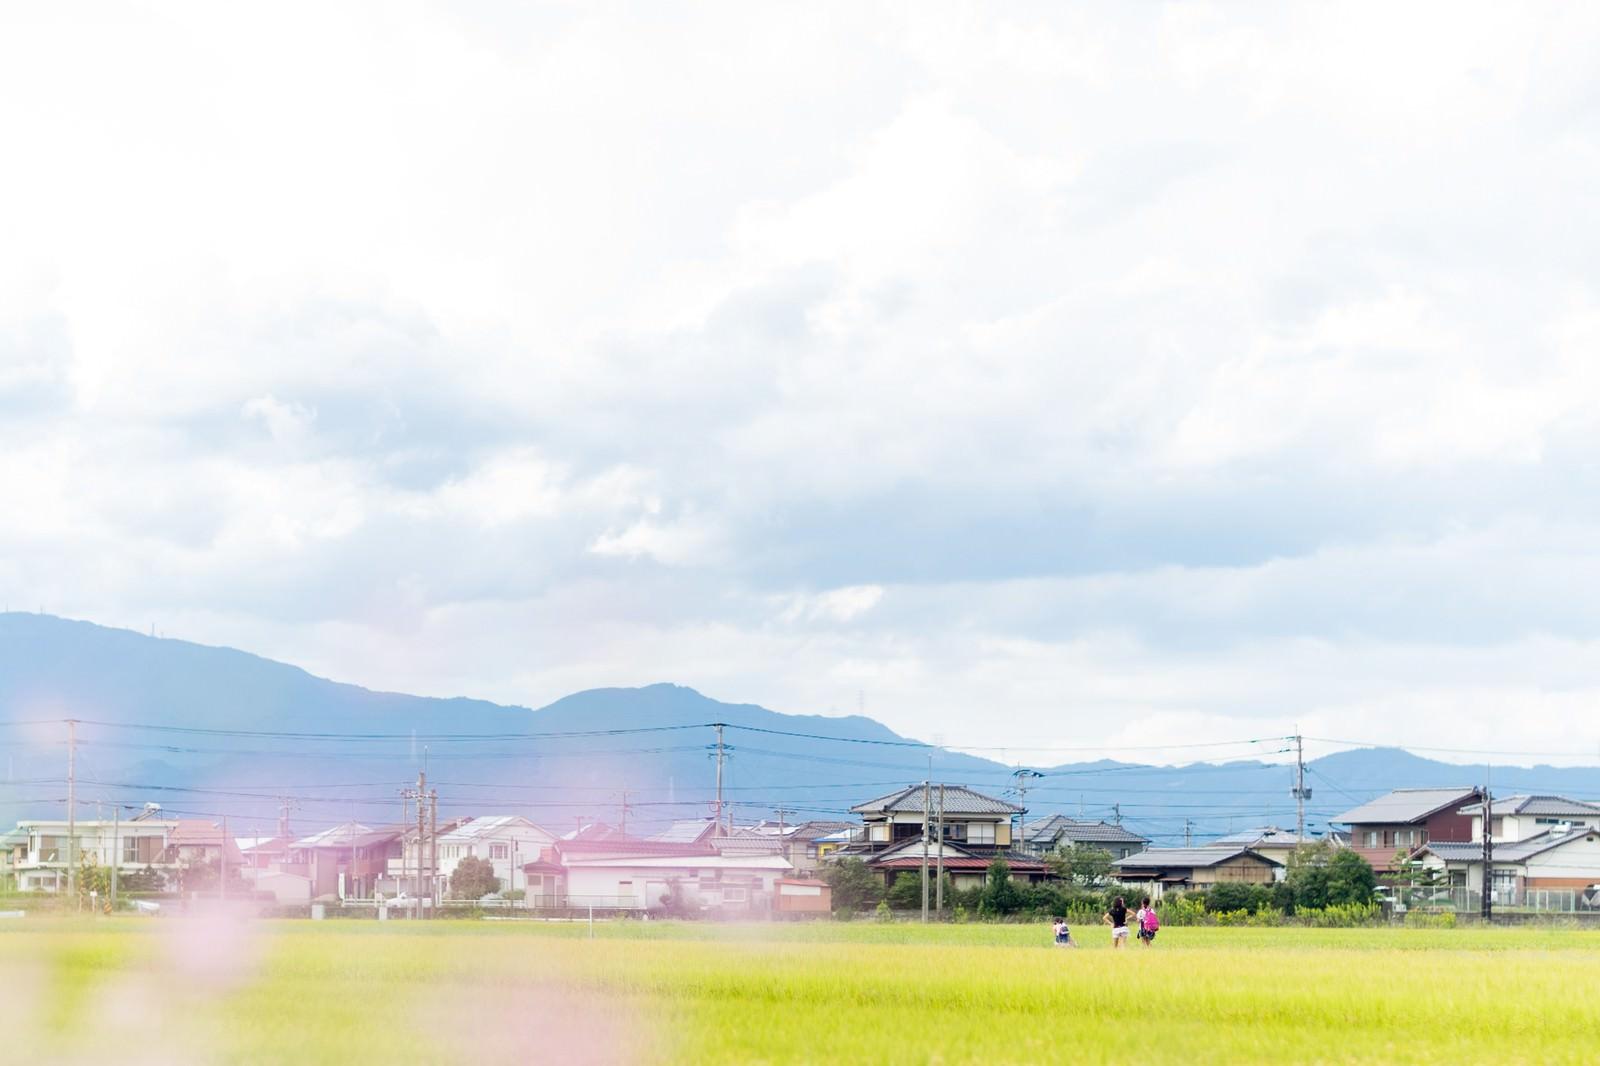 「田んぼ道を下校する小学生の姿」の写真